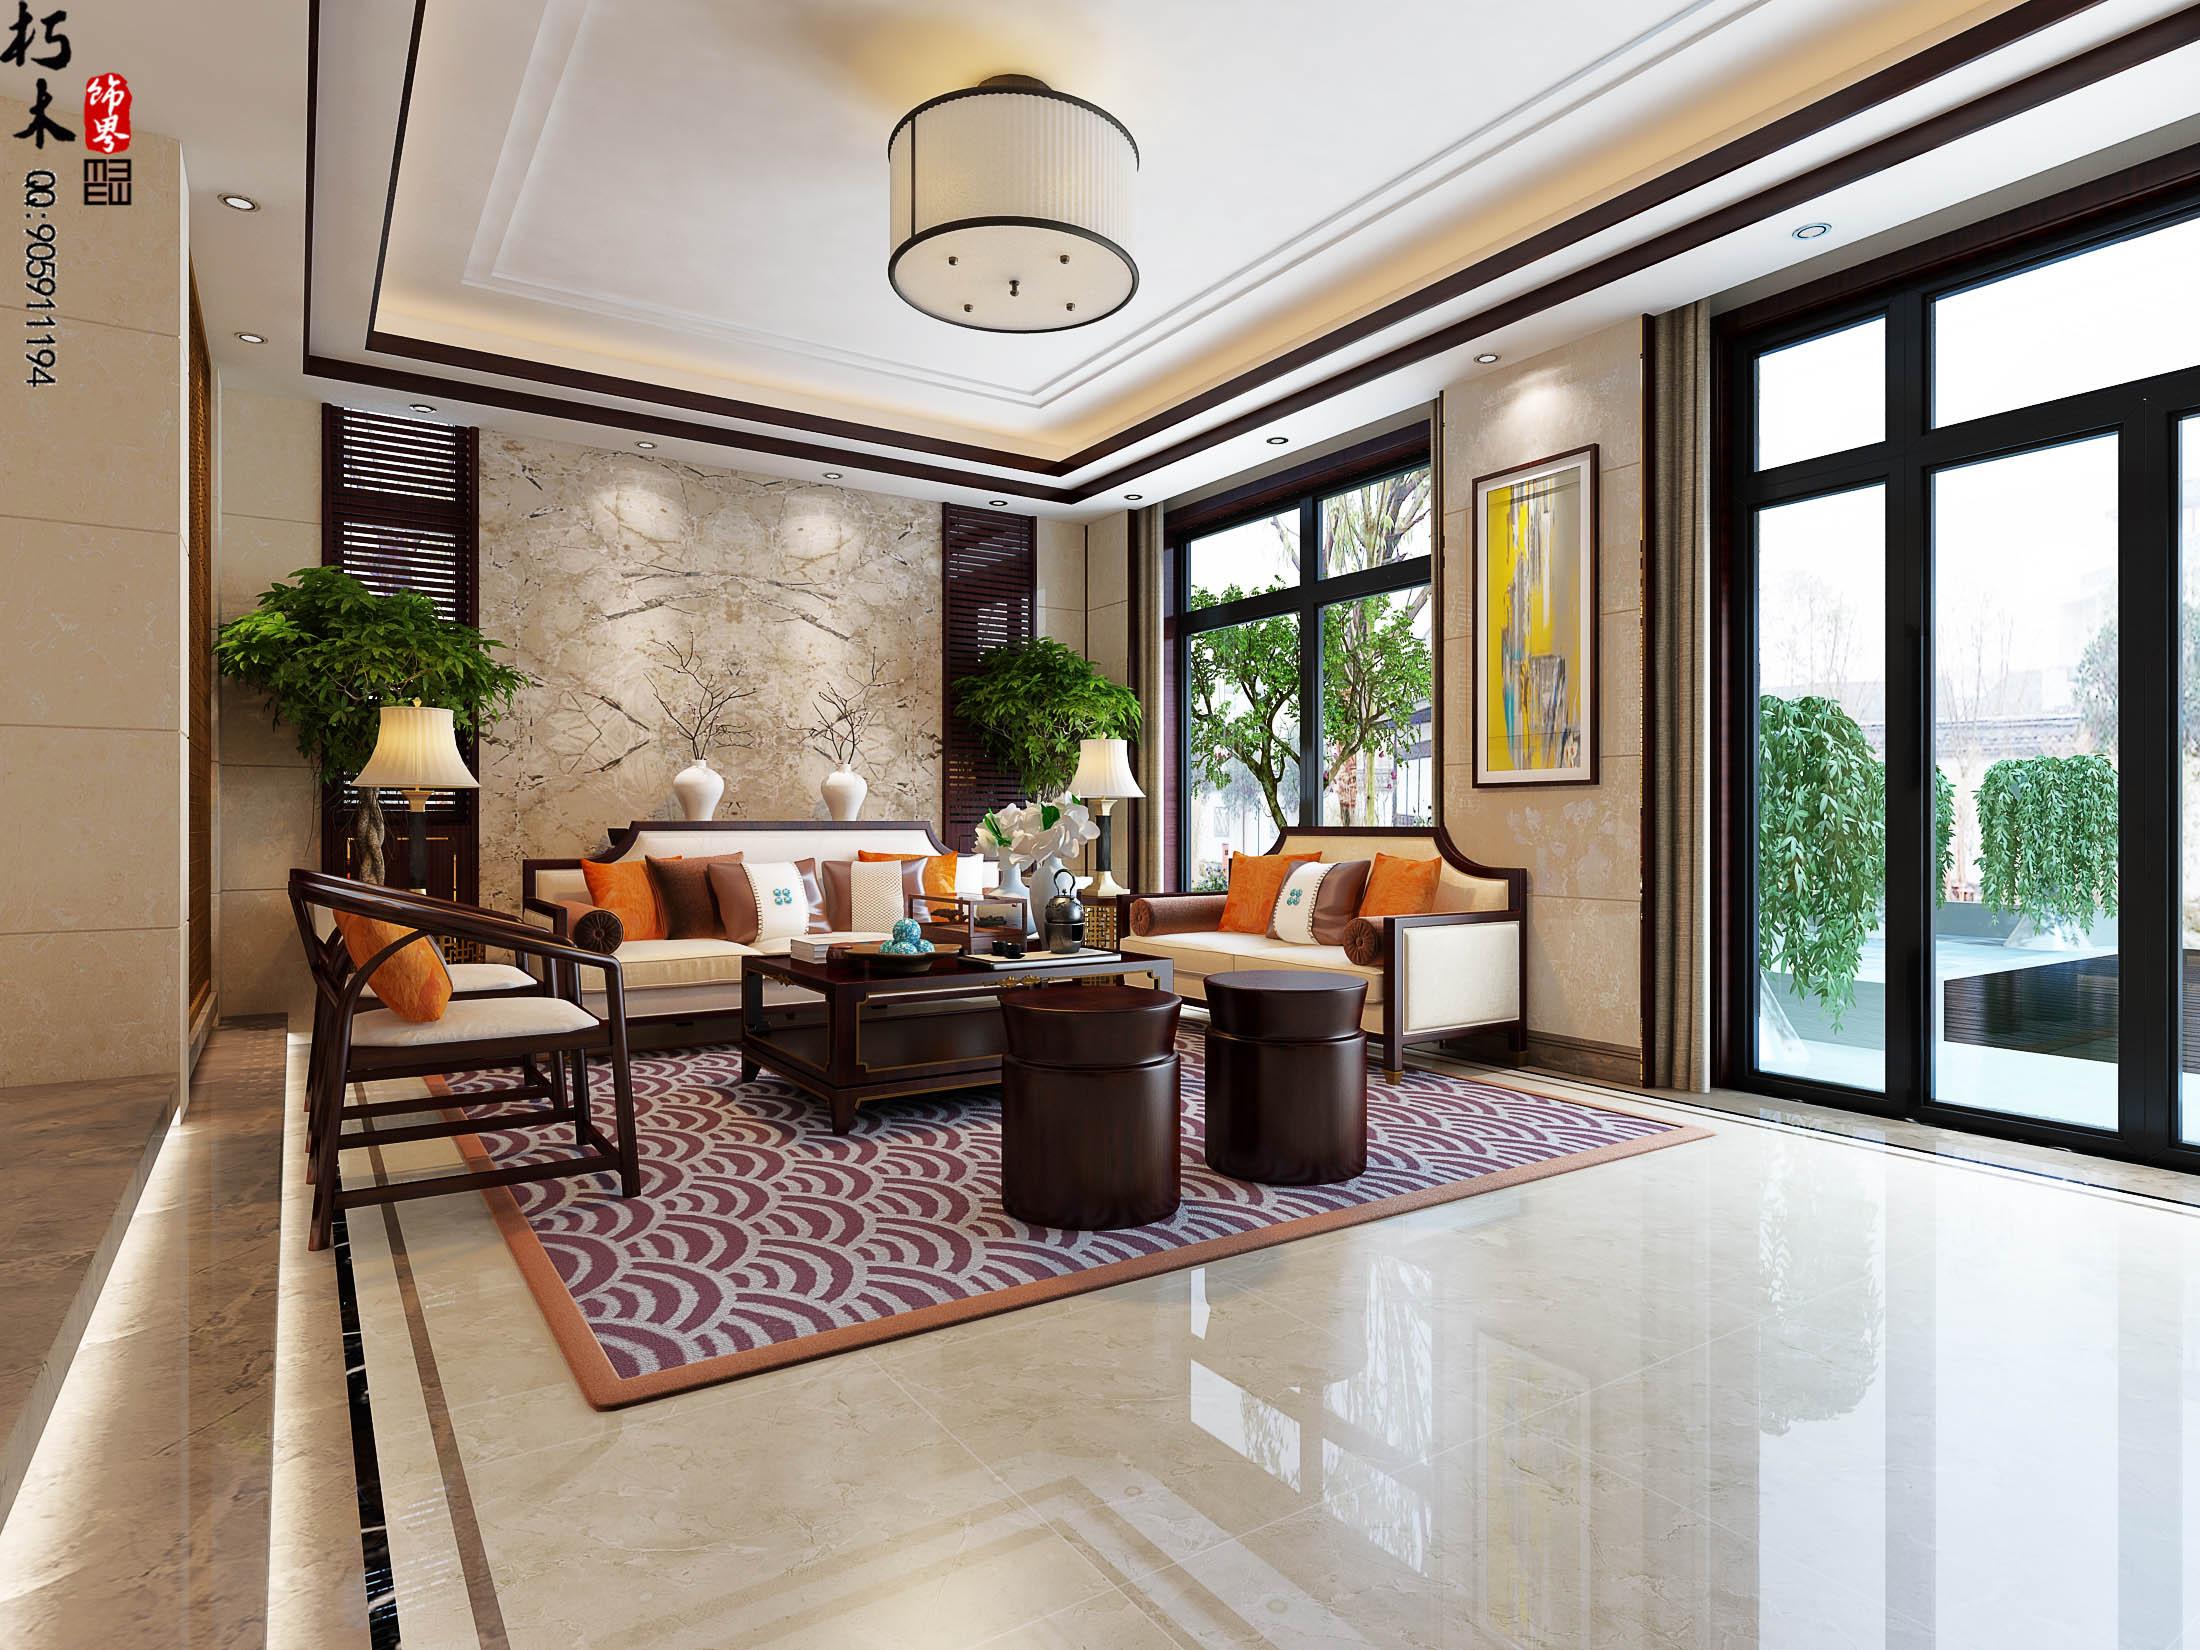 贝多芬公馆-新中式风格-三居室-装修案例设计说明图片